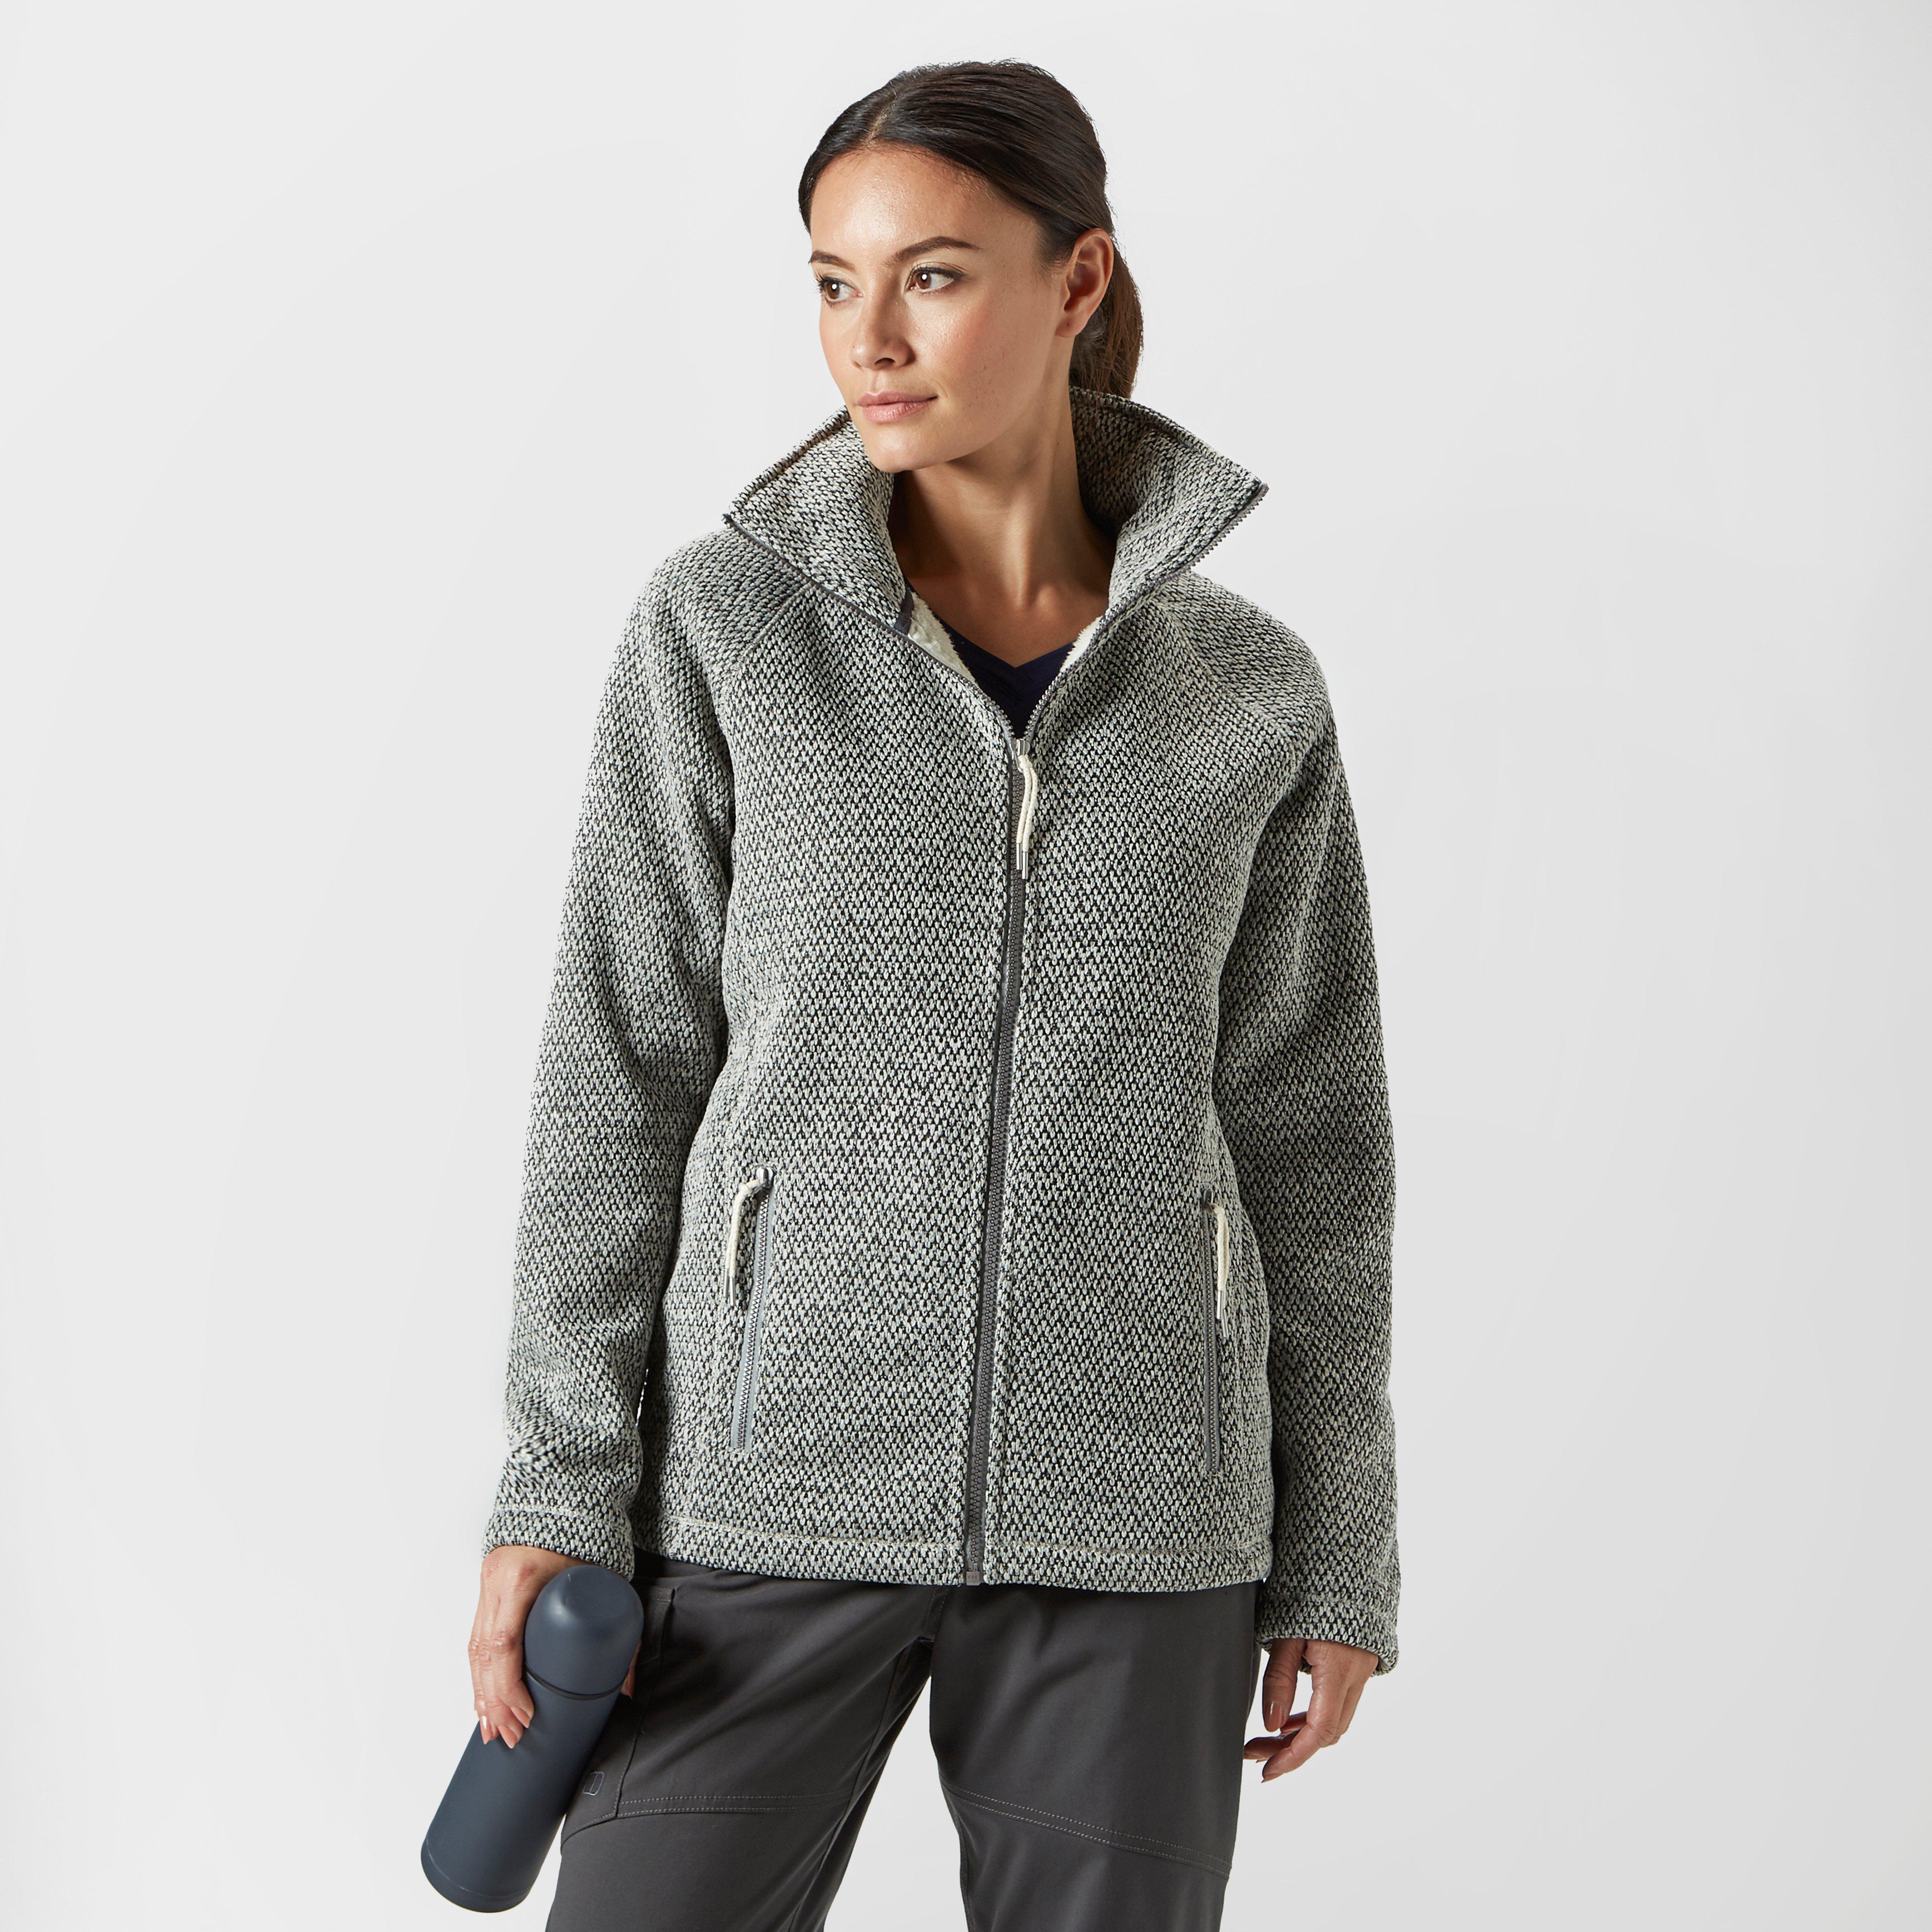 Craghoppers Womens//Ladies Jasmine Full Zip Fleece Jacket